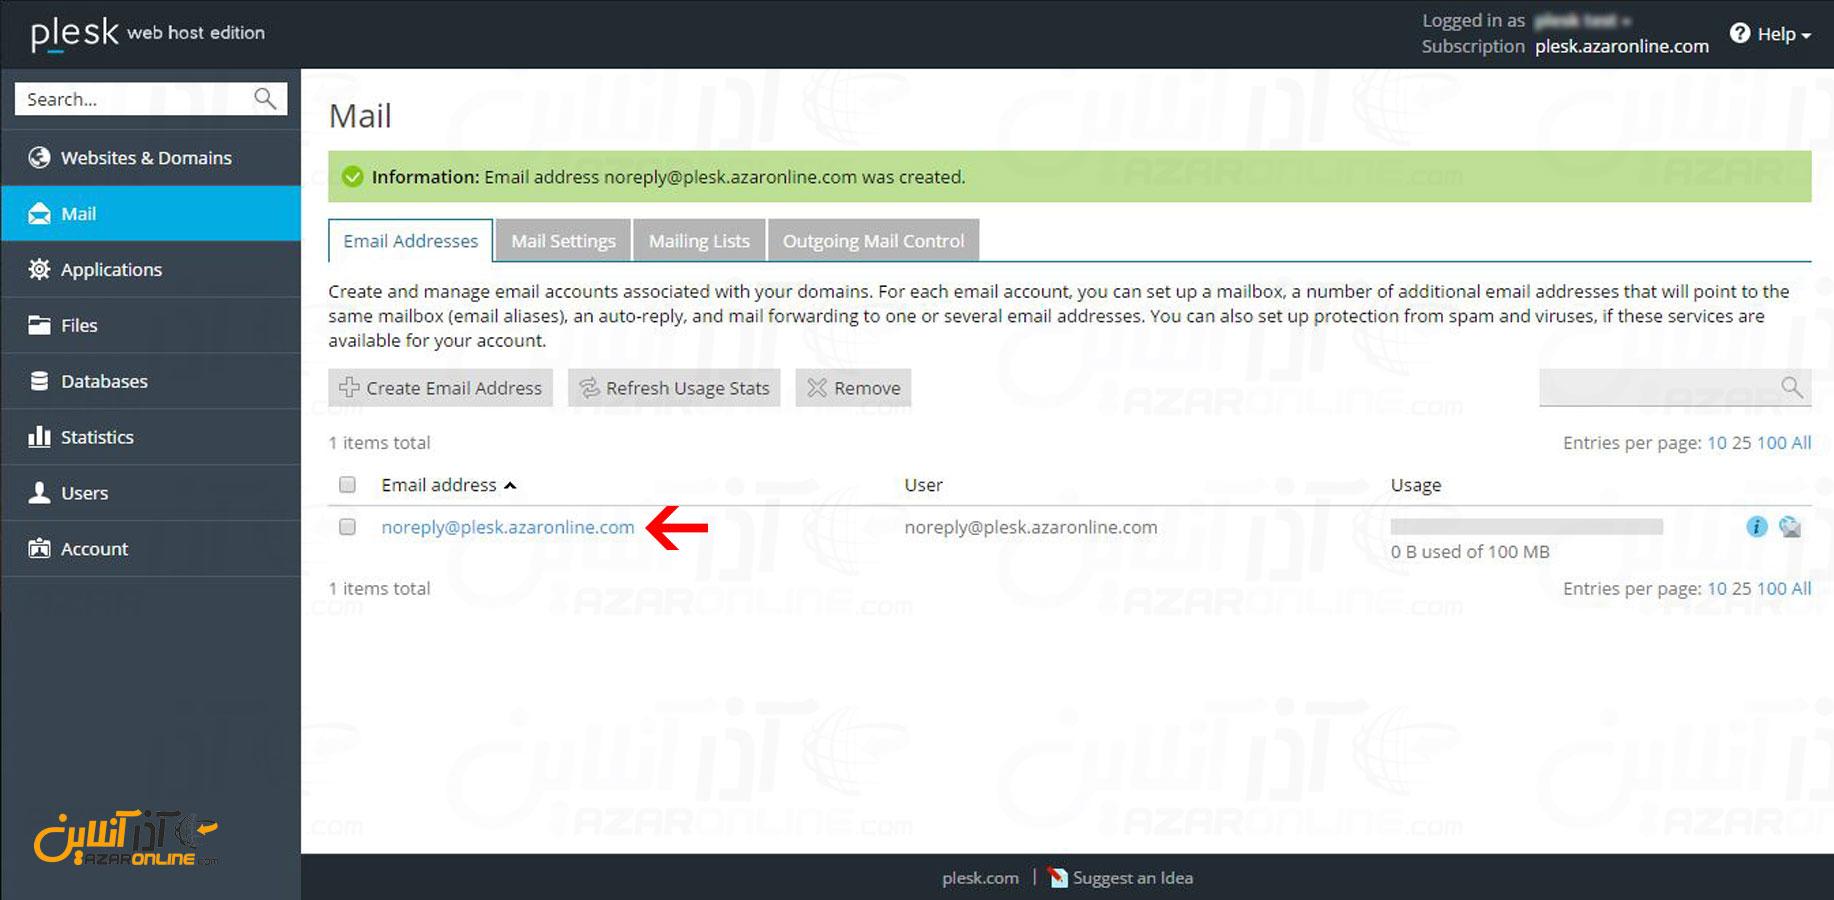 آموزش ساخت ایمیل No Reply در کنترل پنل پلسک - ساخته شدن ایمیل noreply